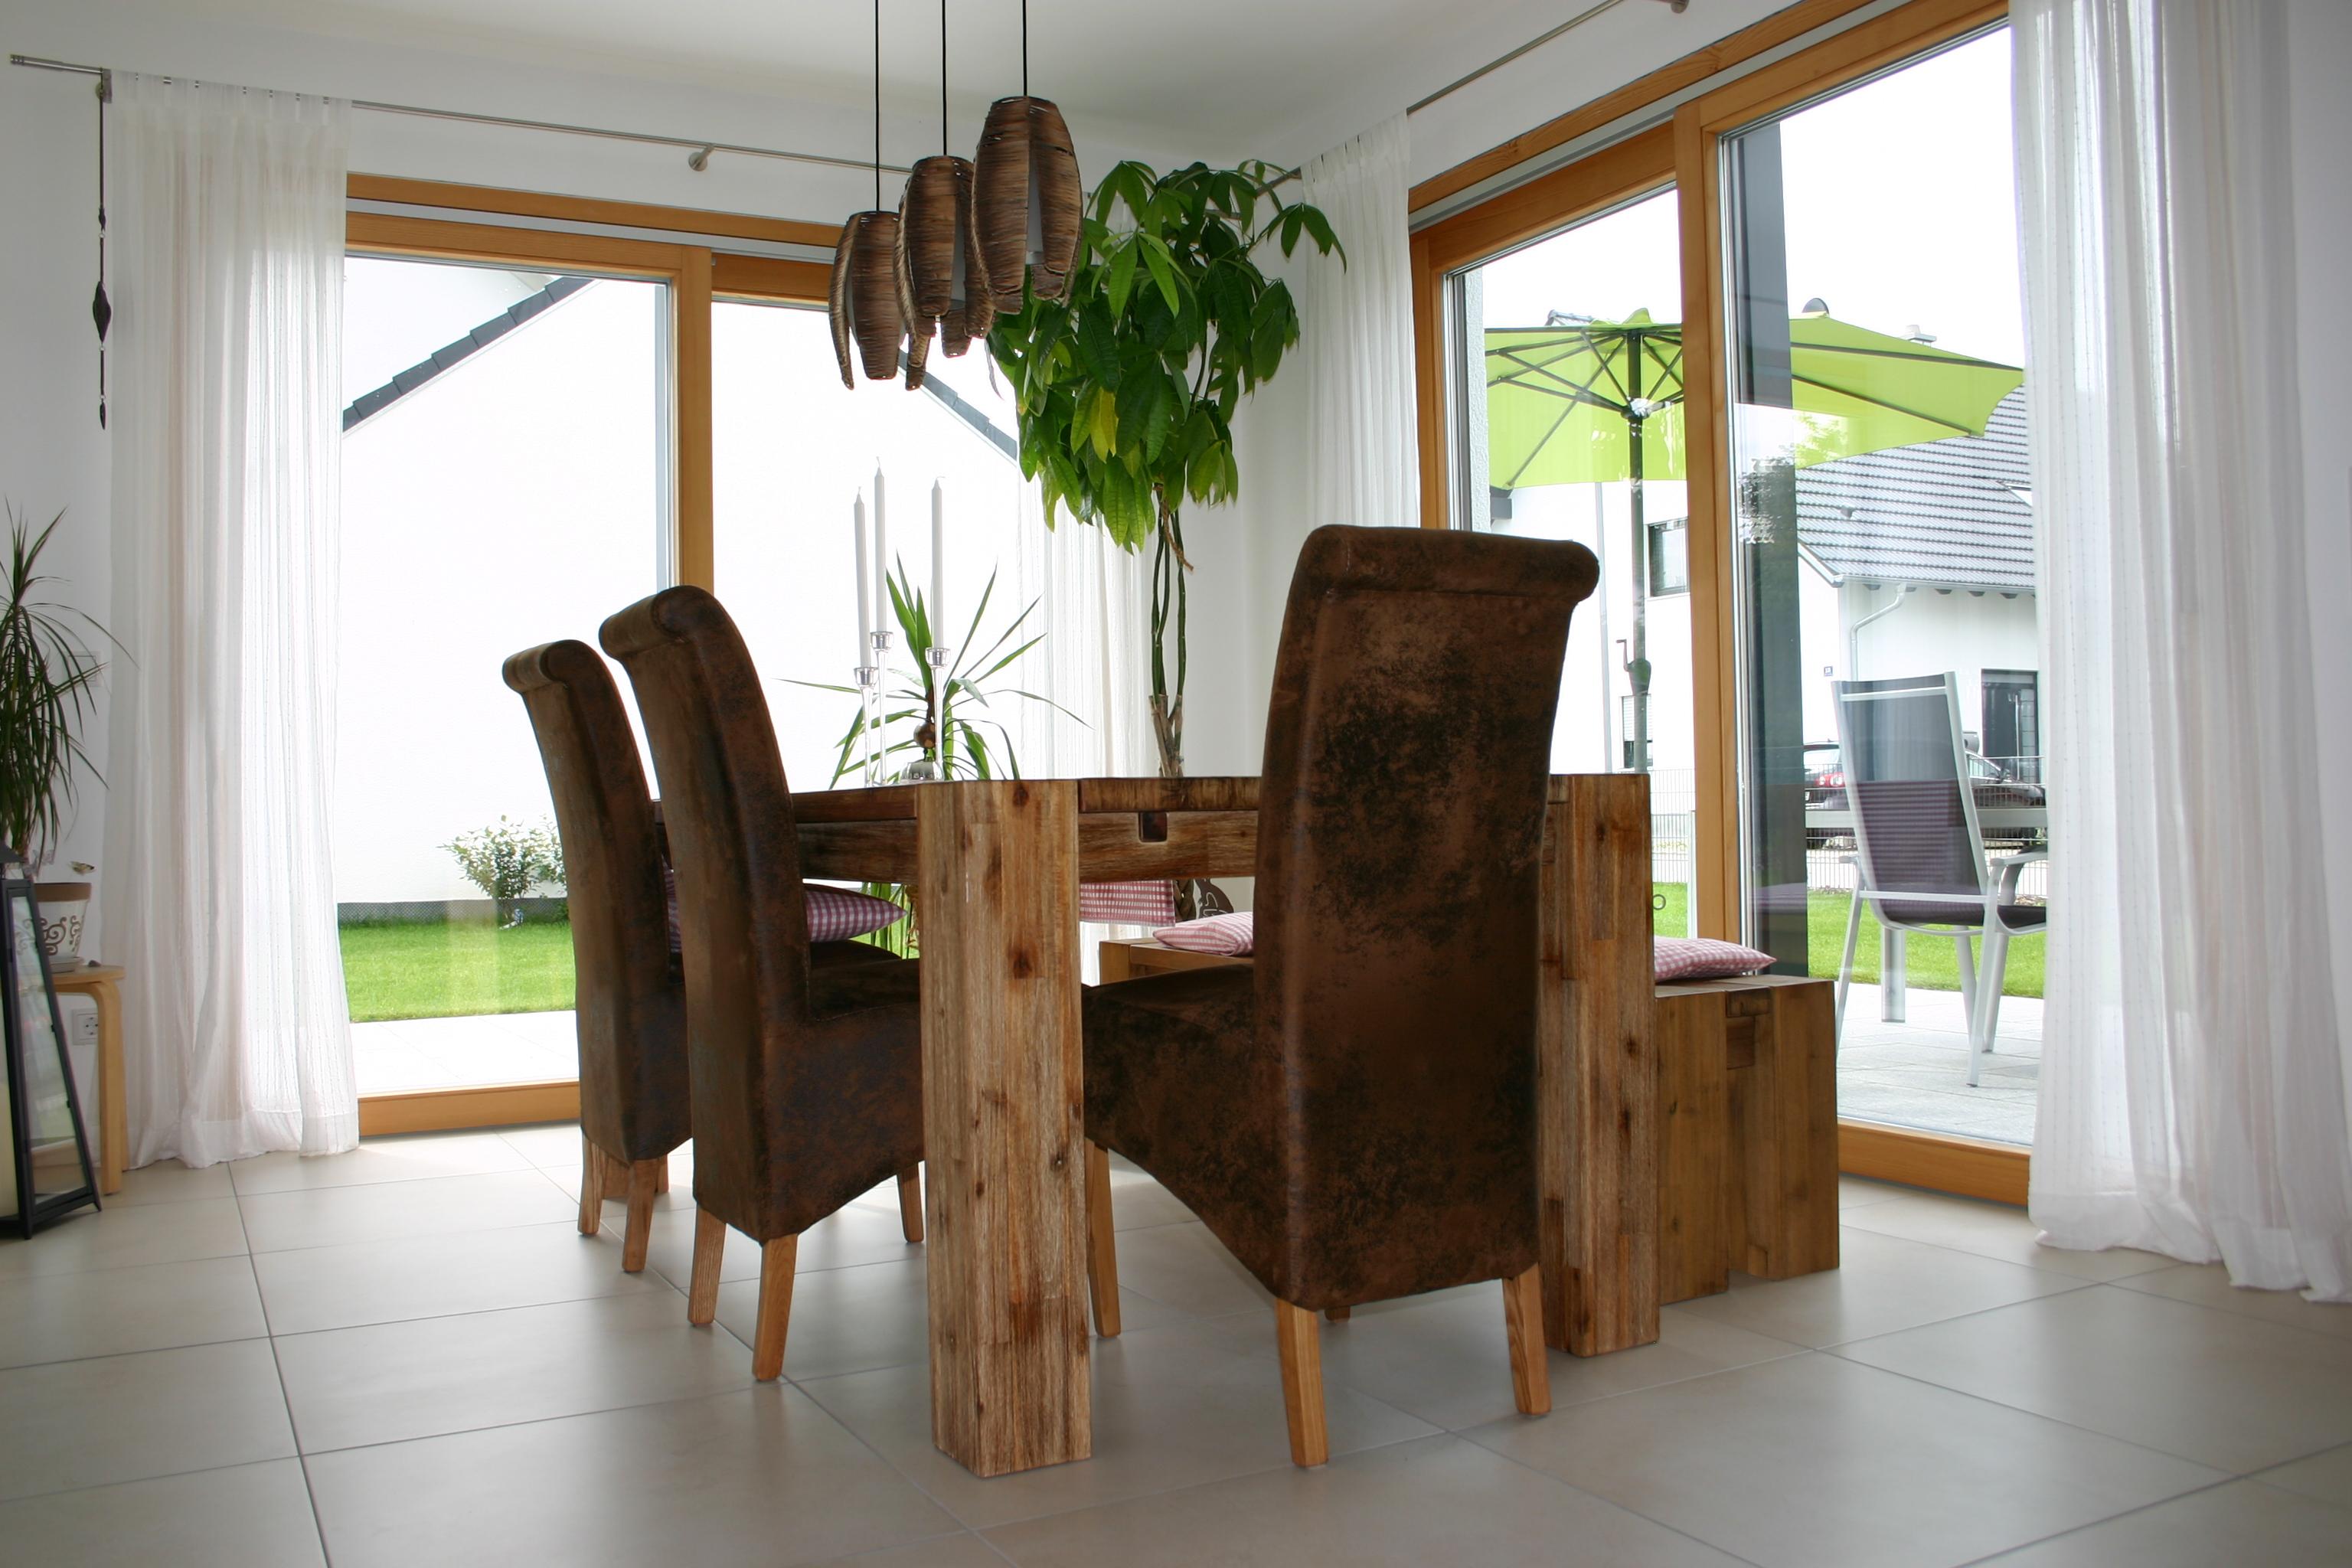 Fenster archive for Wintergarten einrichtung modern